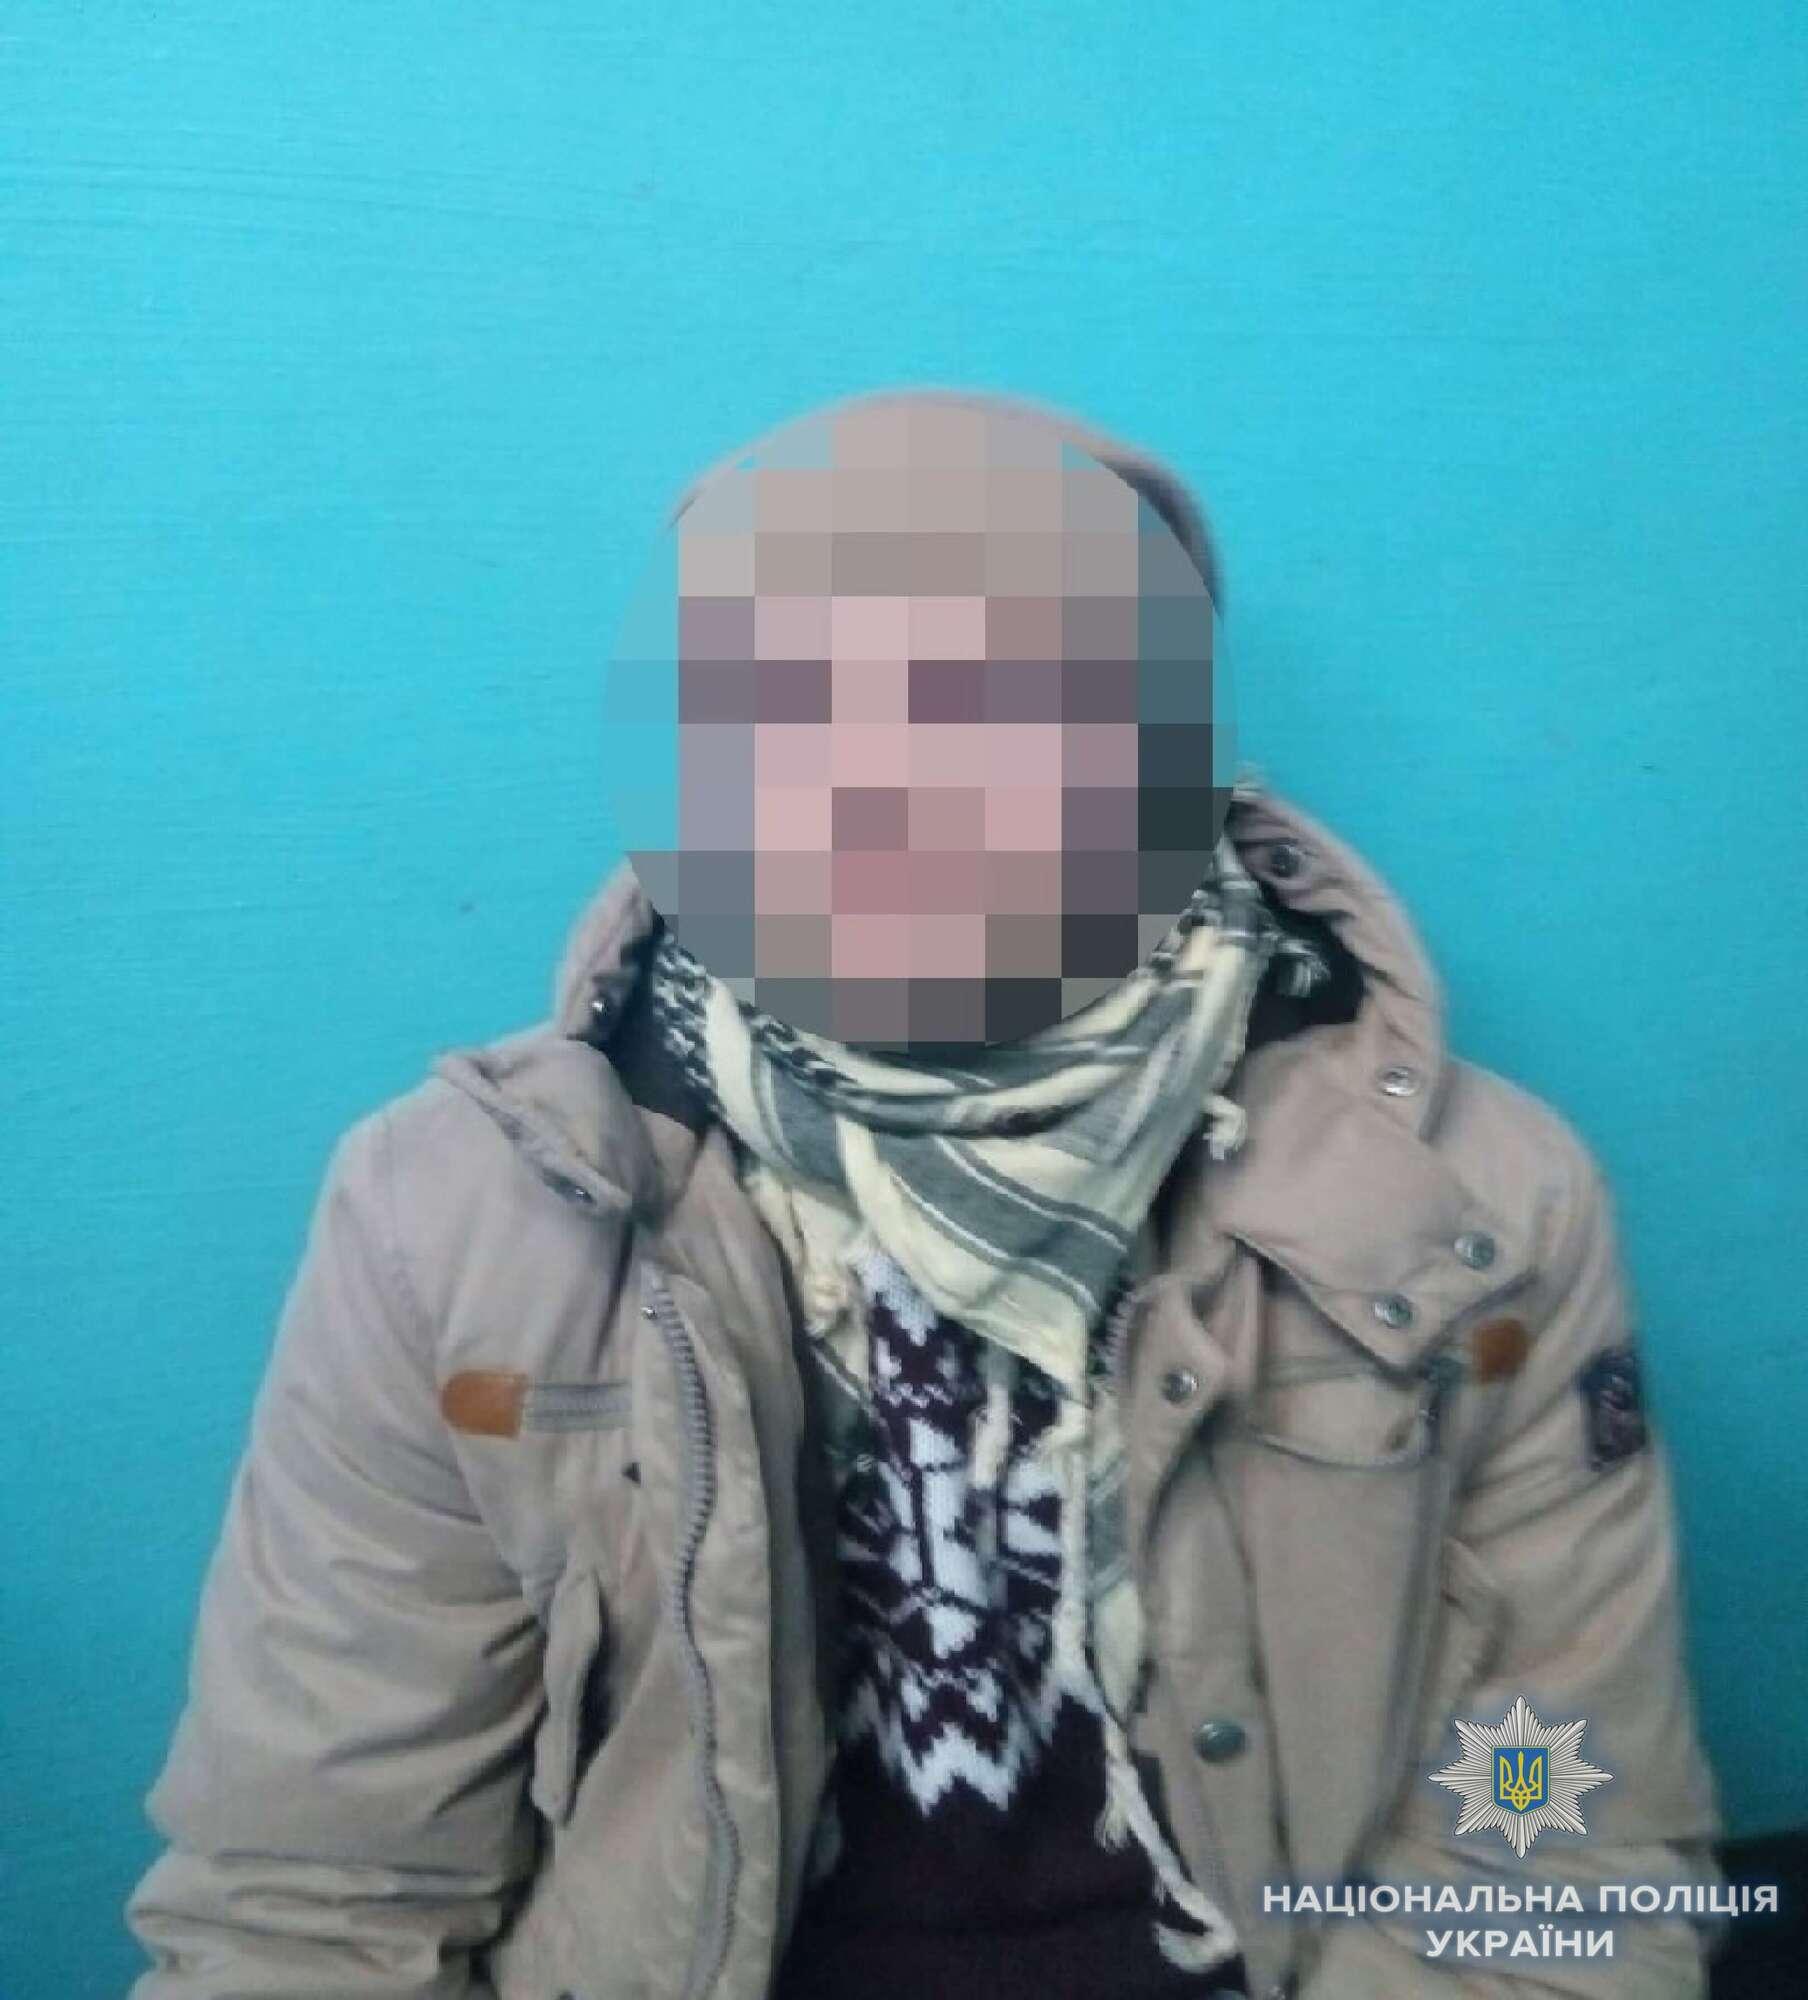 У Києві затримали чоловіка з вибухівкою